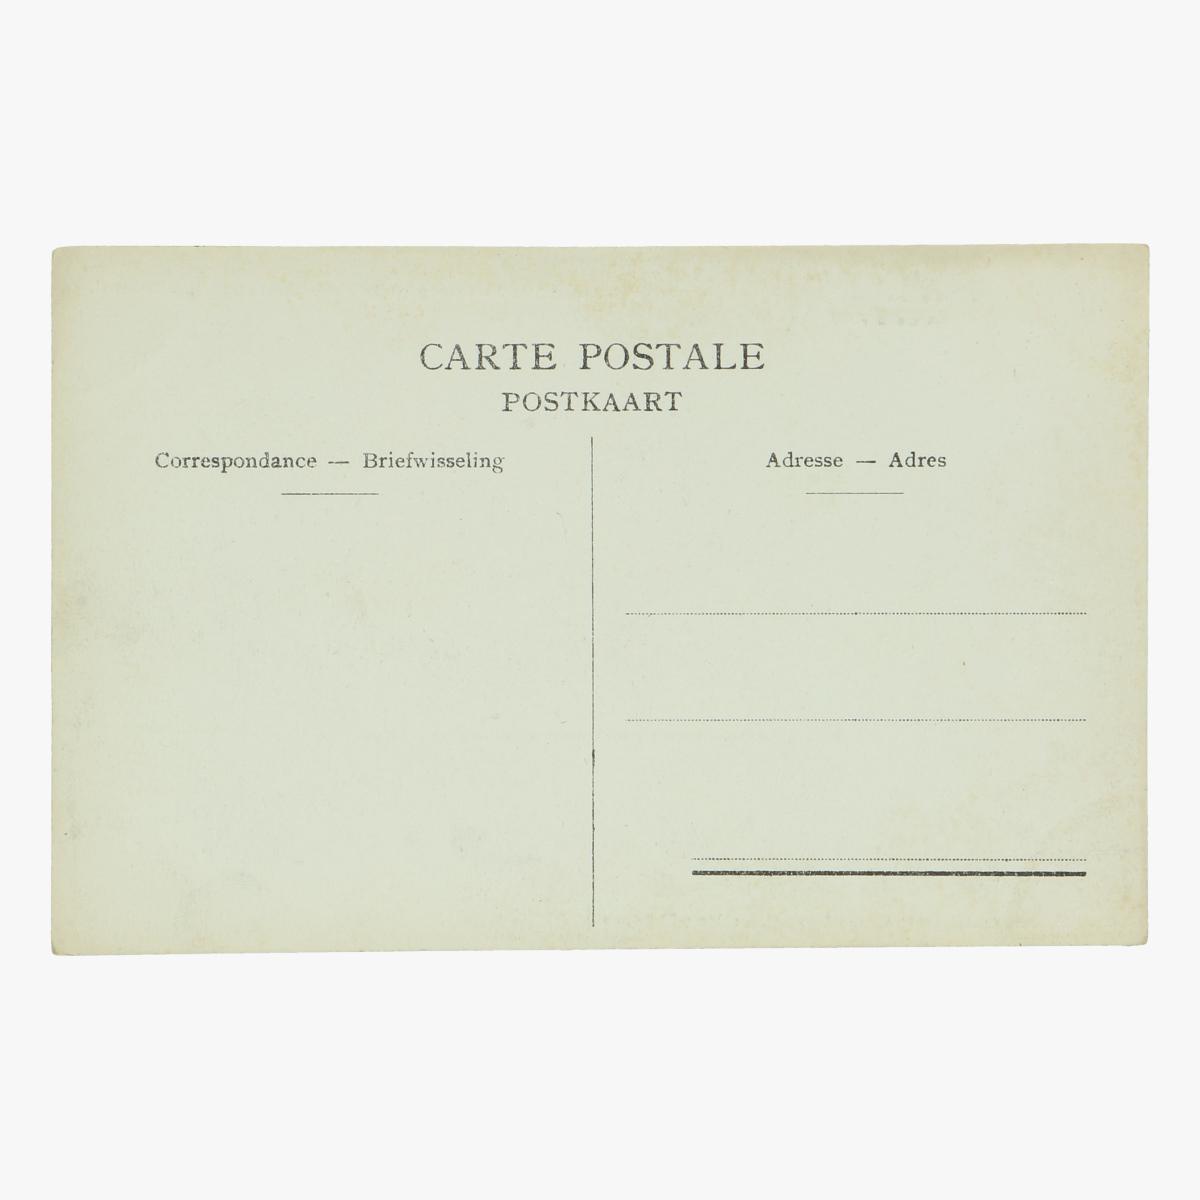 Afbeeldingen van postkaart bruxelles exposition 1910 paviljoen der stad parijs.